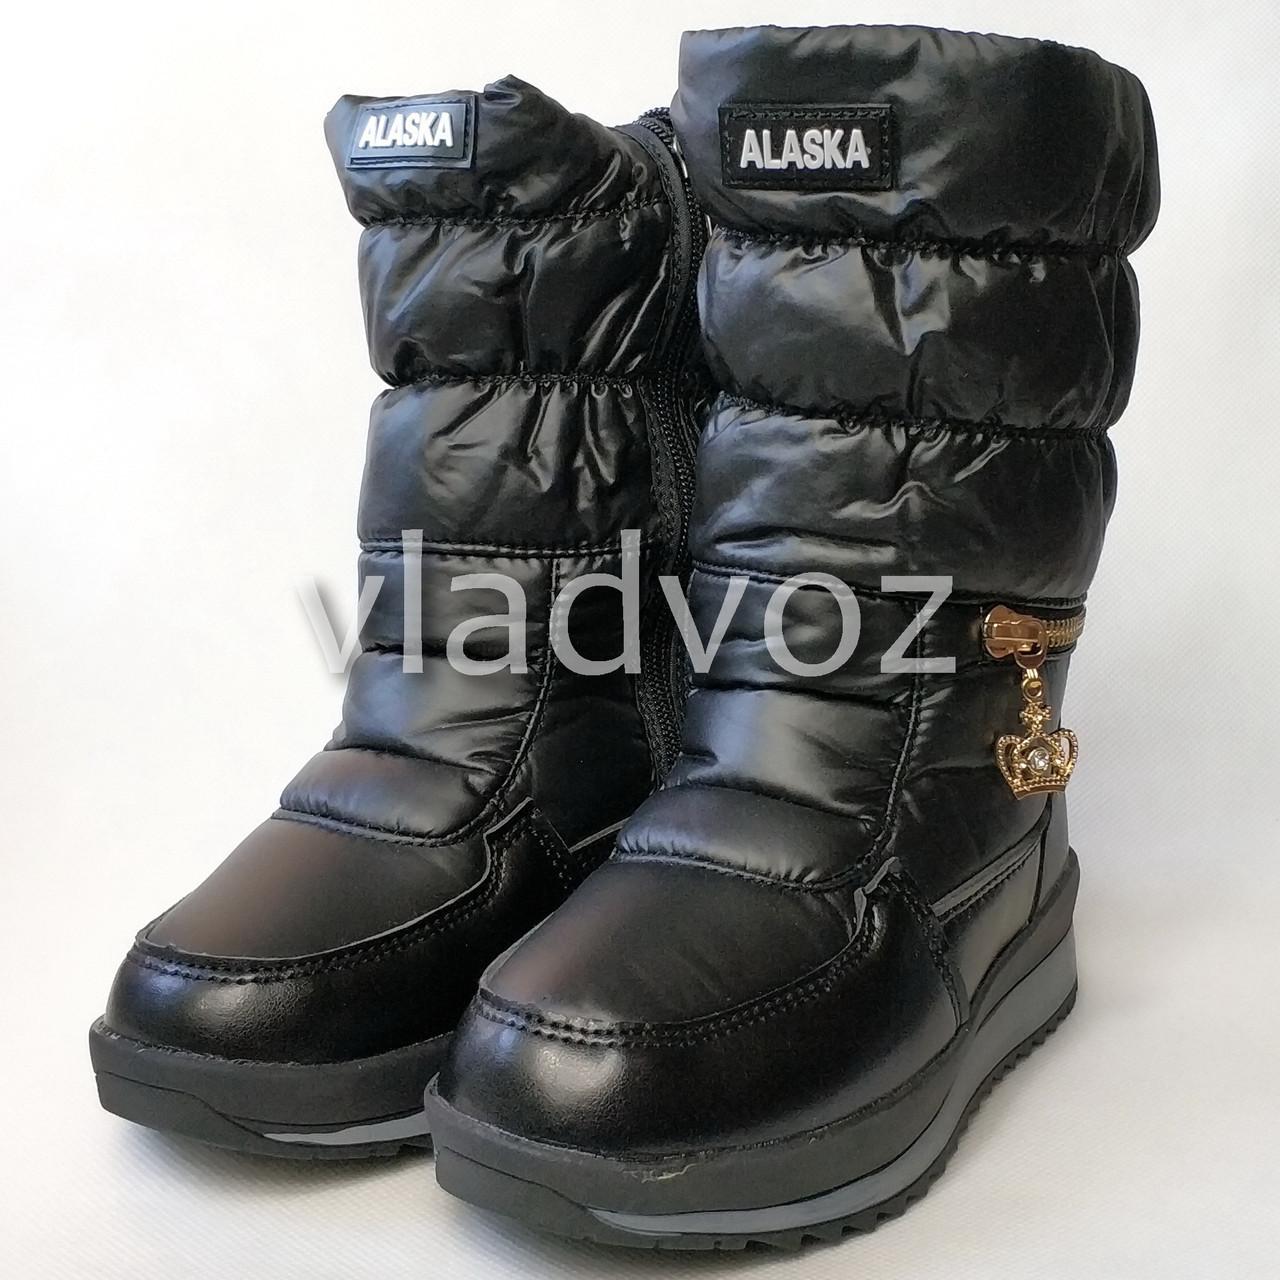 85fe0e30a Детские дутики зимние сапоги на зиму для девочки черные Alaska 32р. - ☎  0681044912 интернет